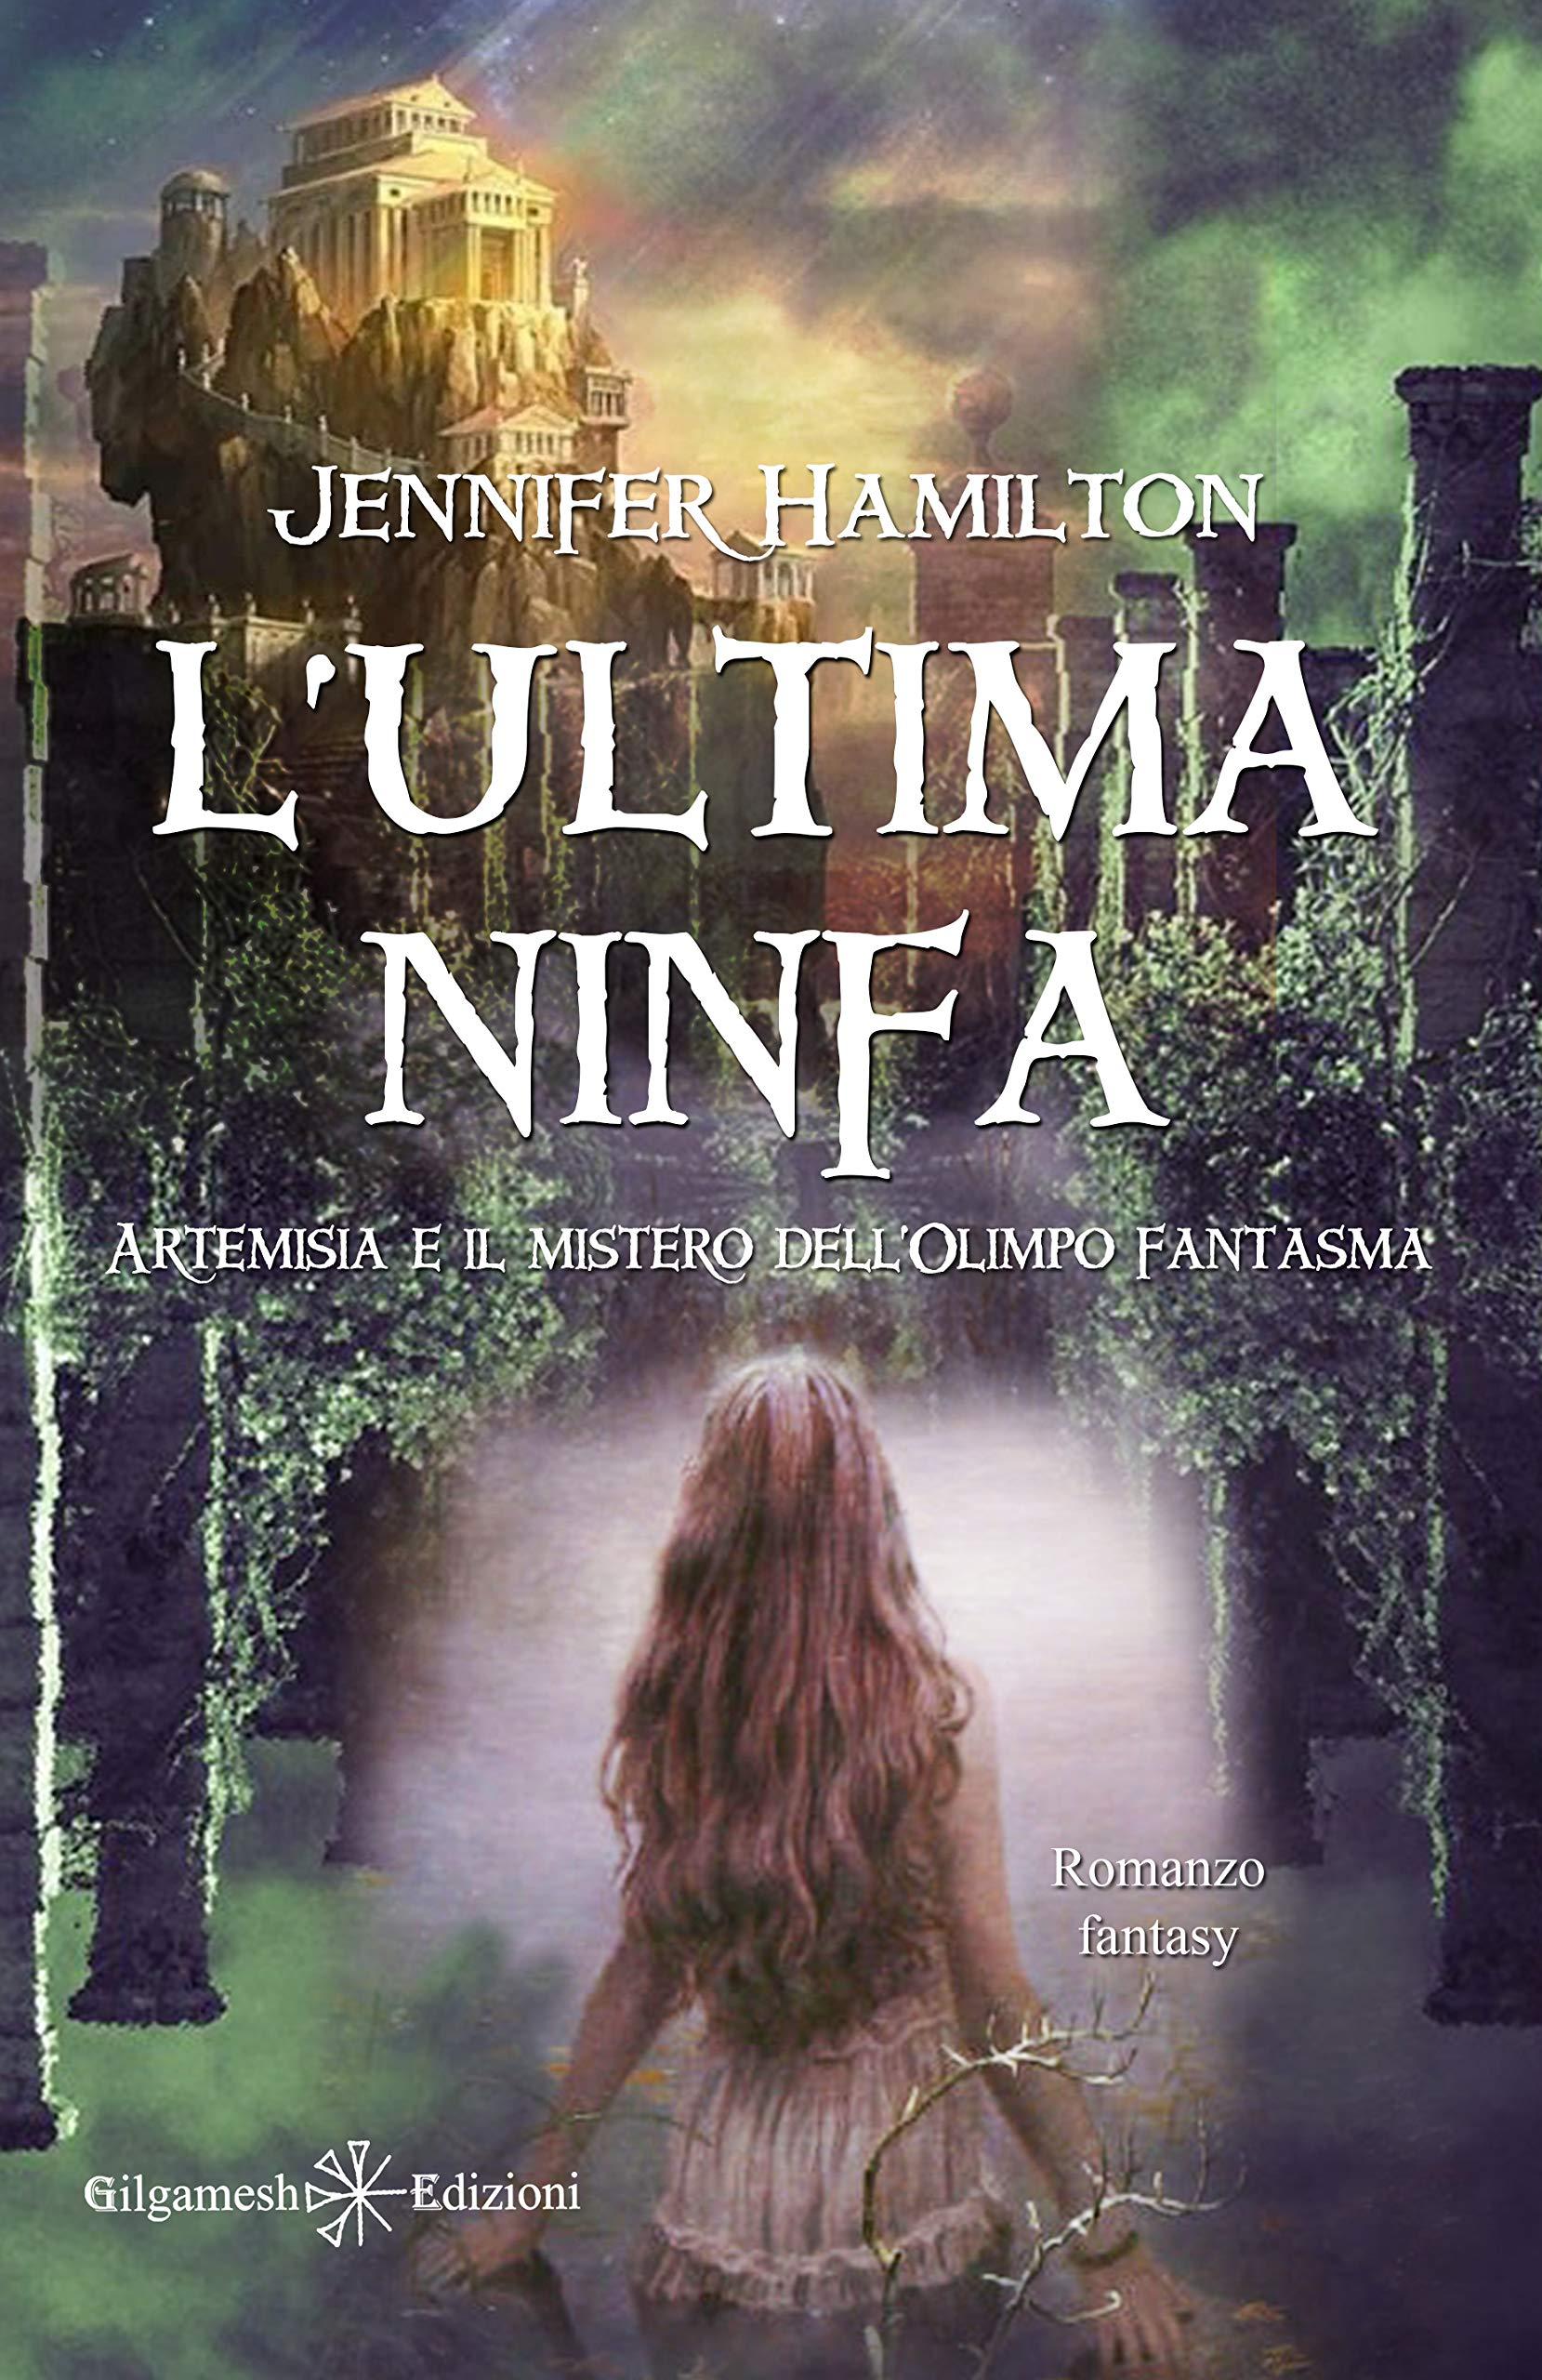 L'ultima ninfa : Artemisia e il mistero dell'Olimpo fantasma (ANUNNAKI - Narrativa Vol. 141)